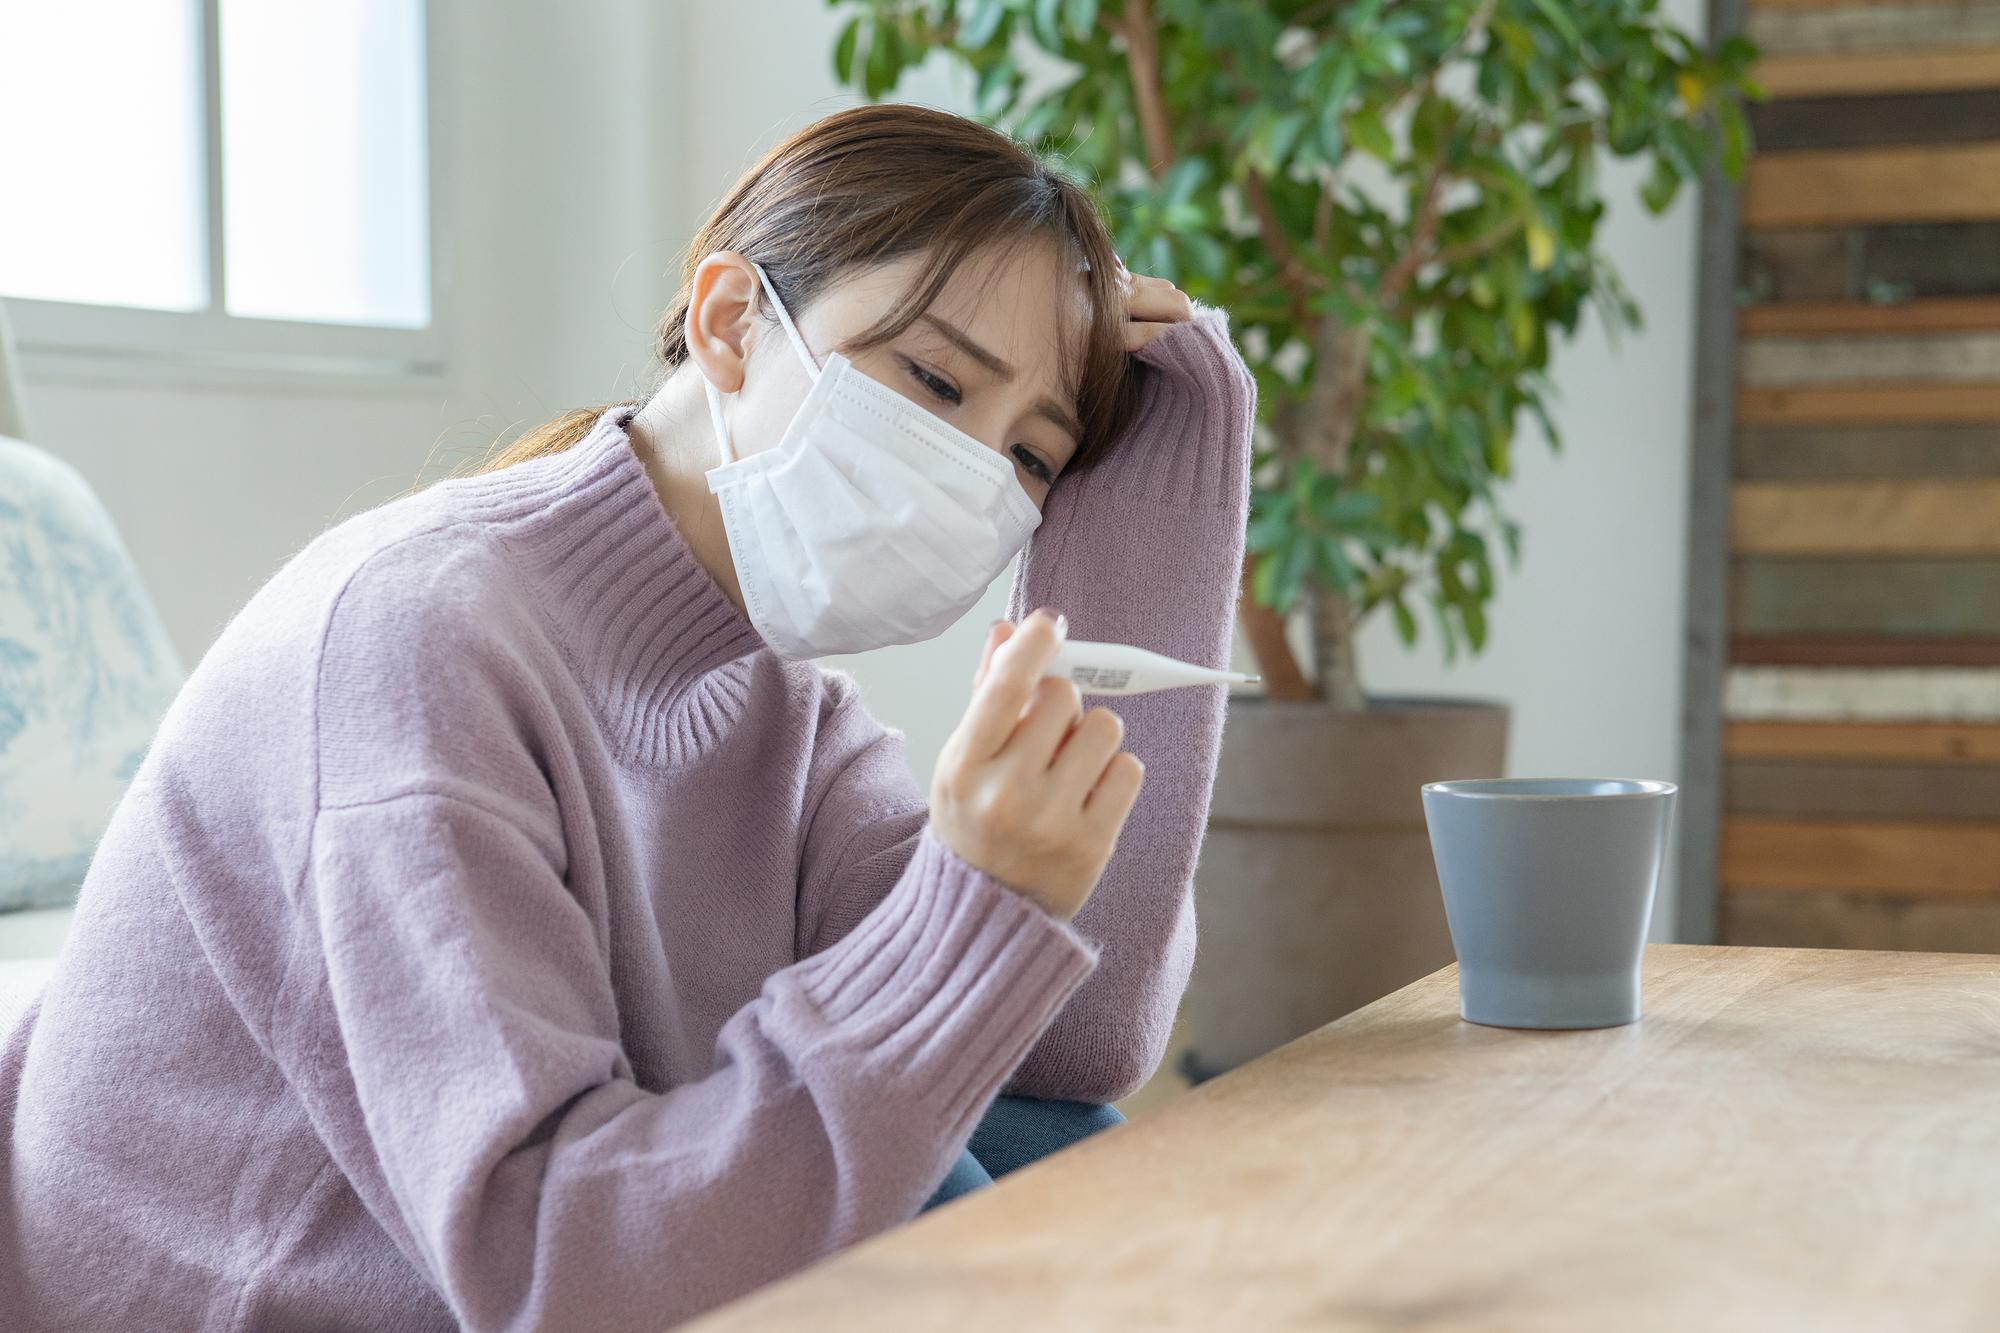 痰が絡む咳が続く 熱なし